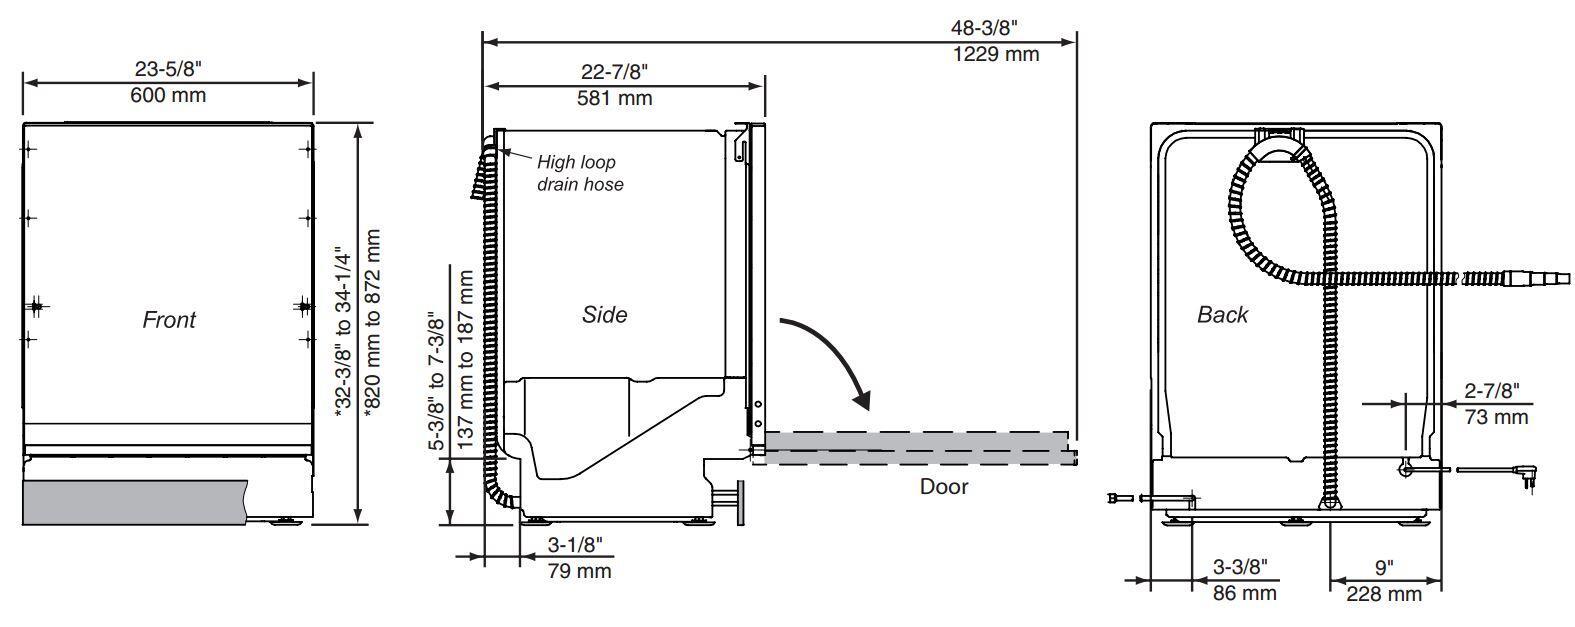 phone installation diagram